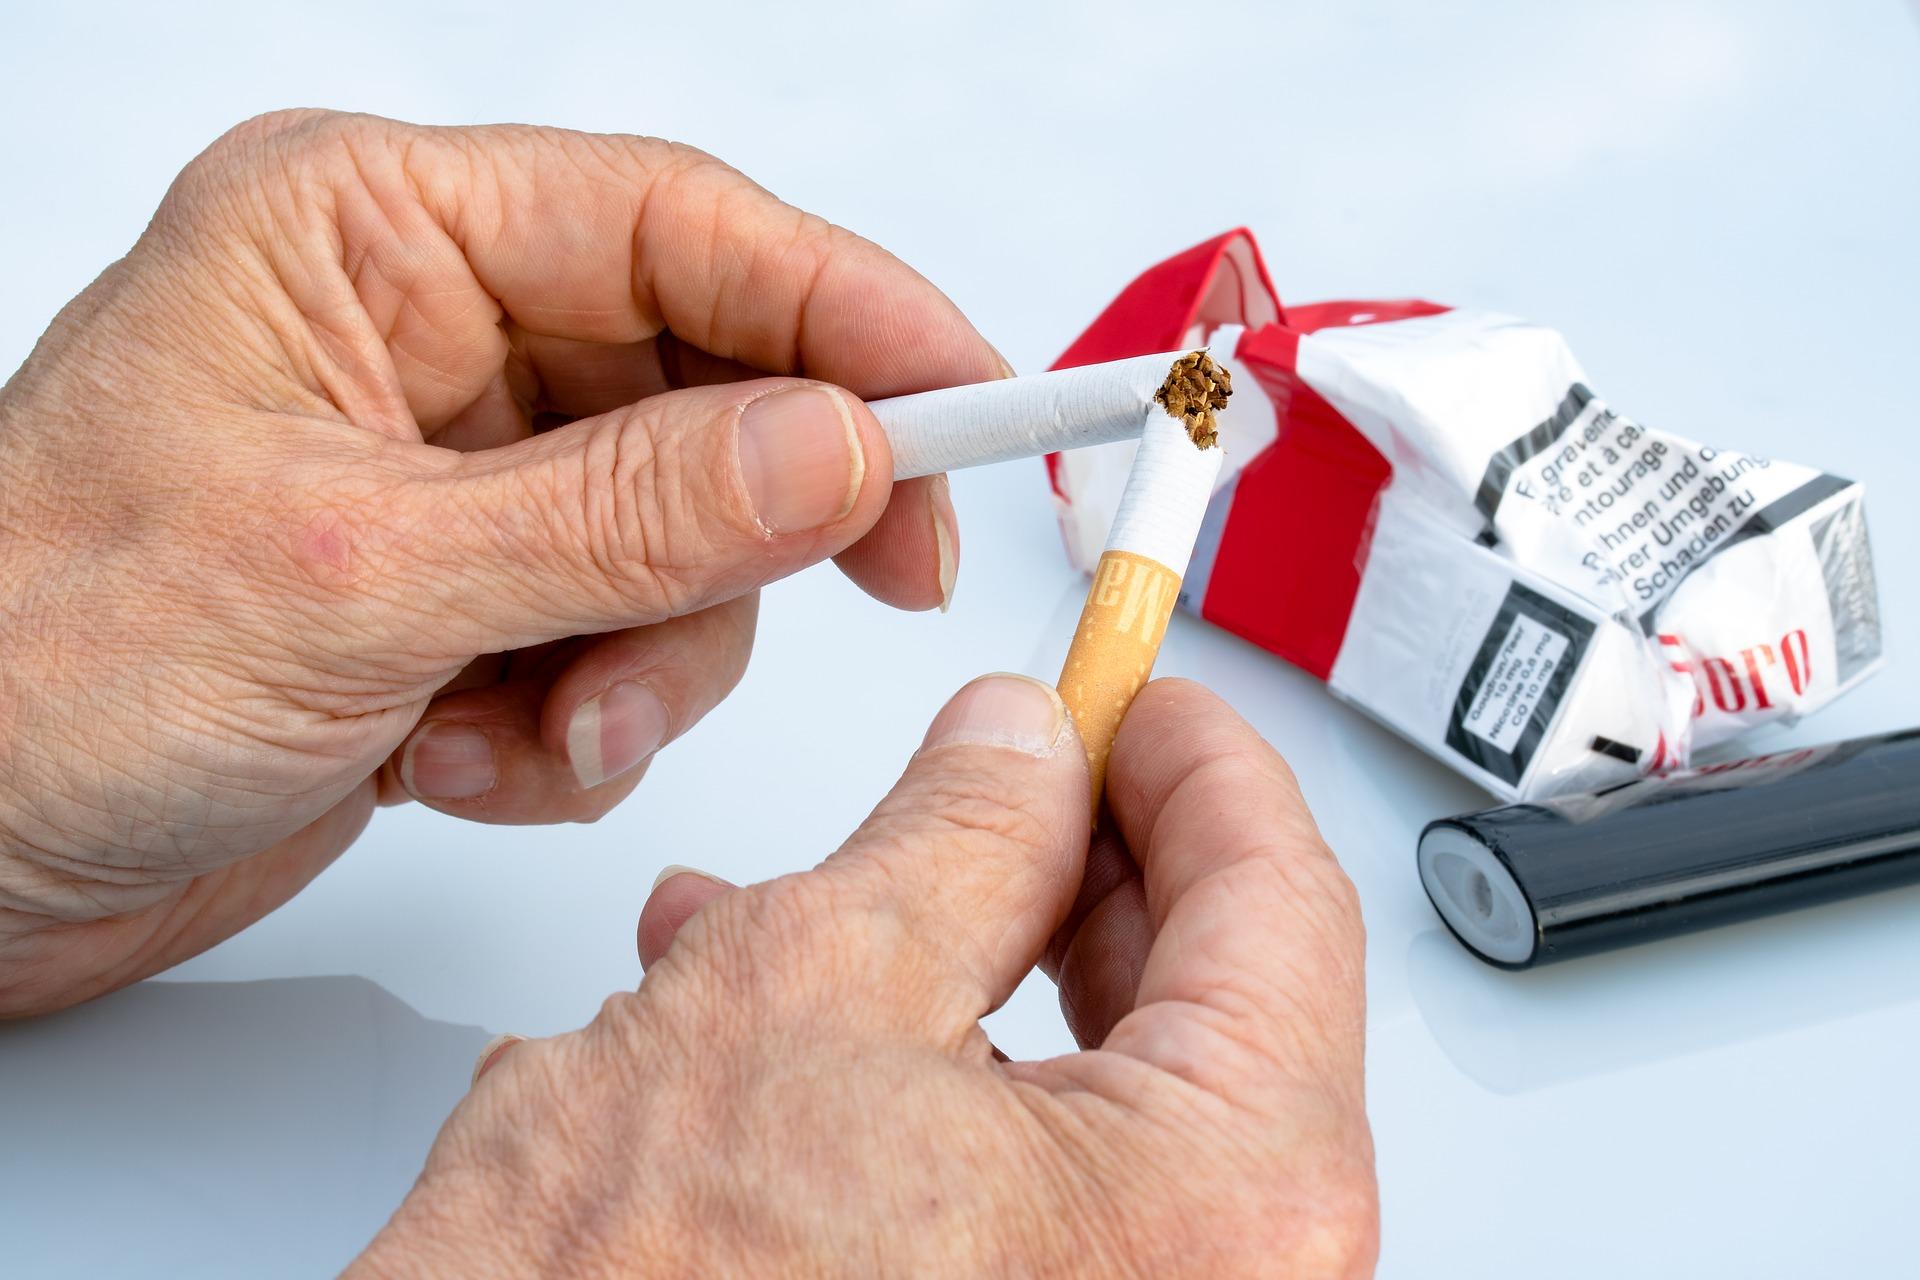 La prohibición de fumar en espacios públicos, una oportunidad para dejarlo definitivamente